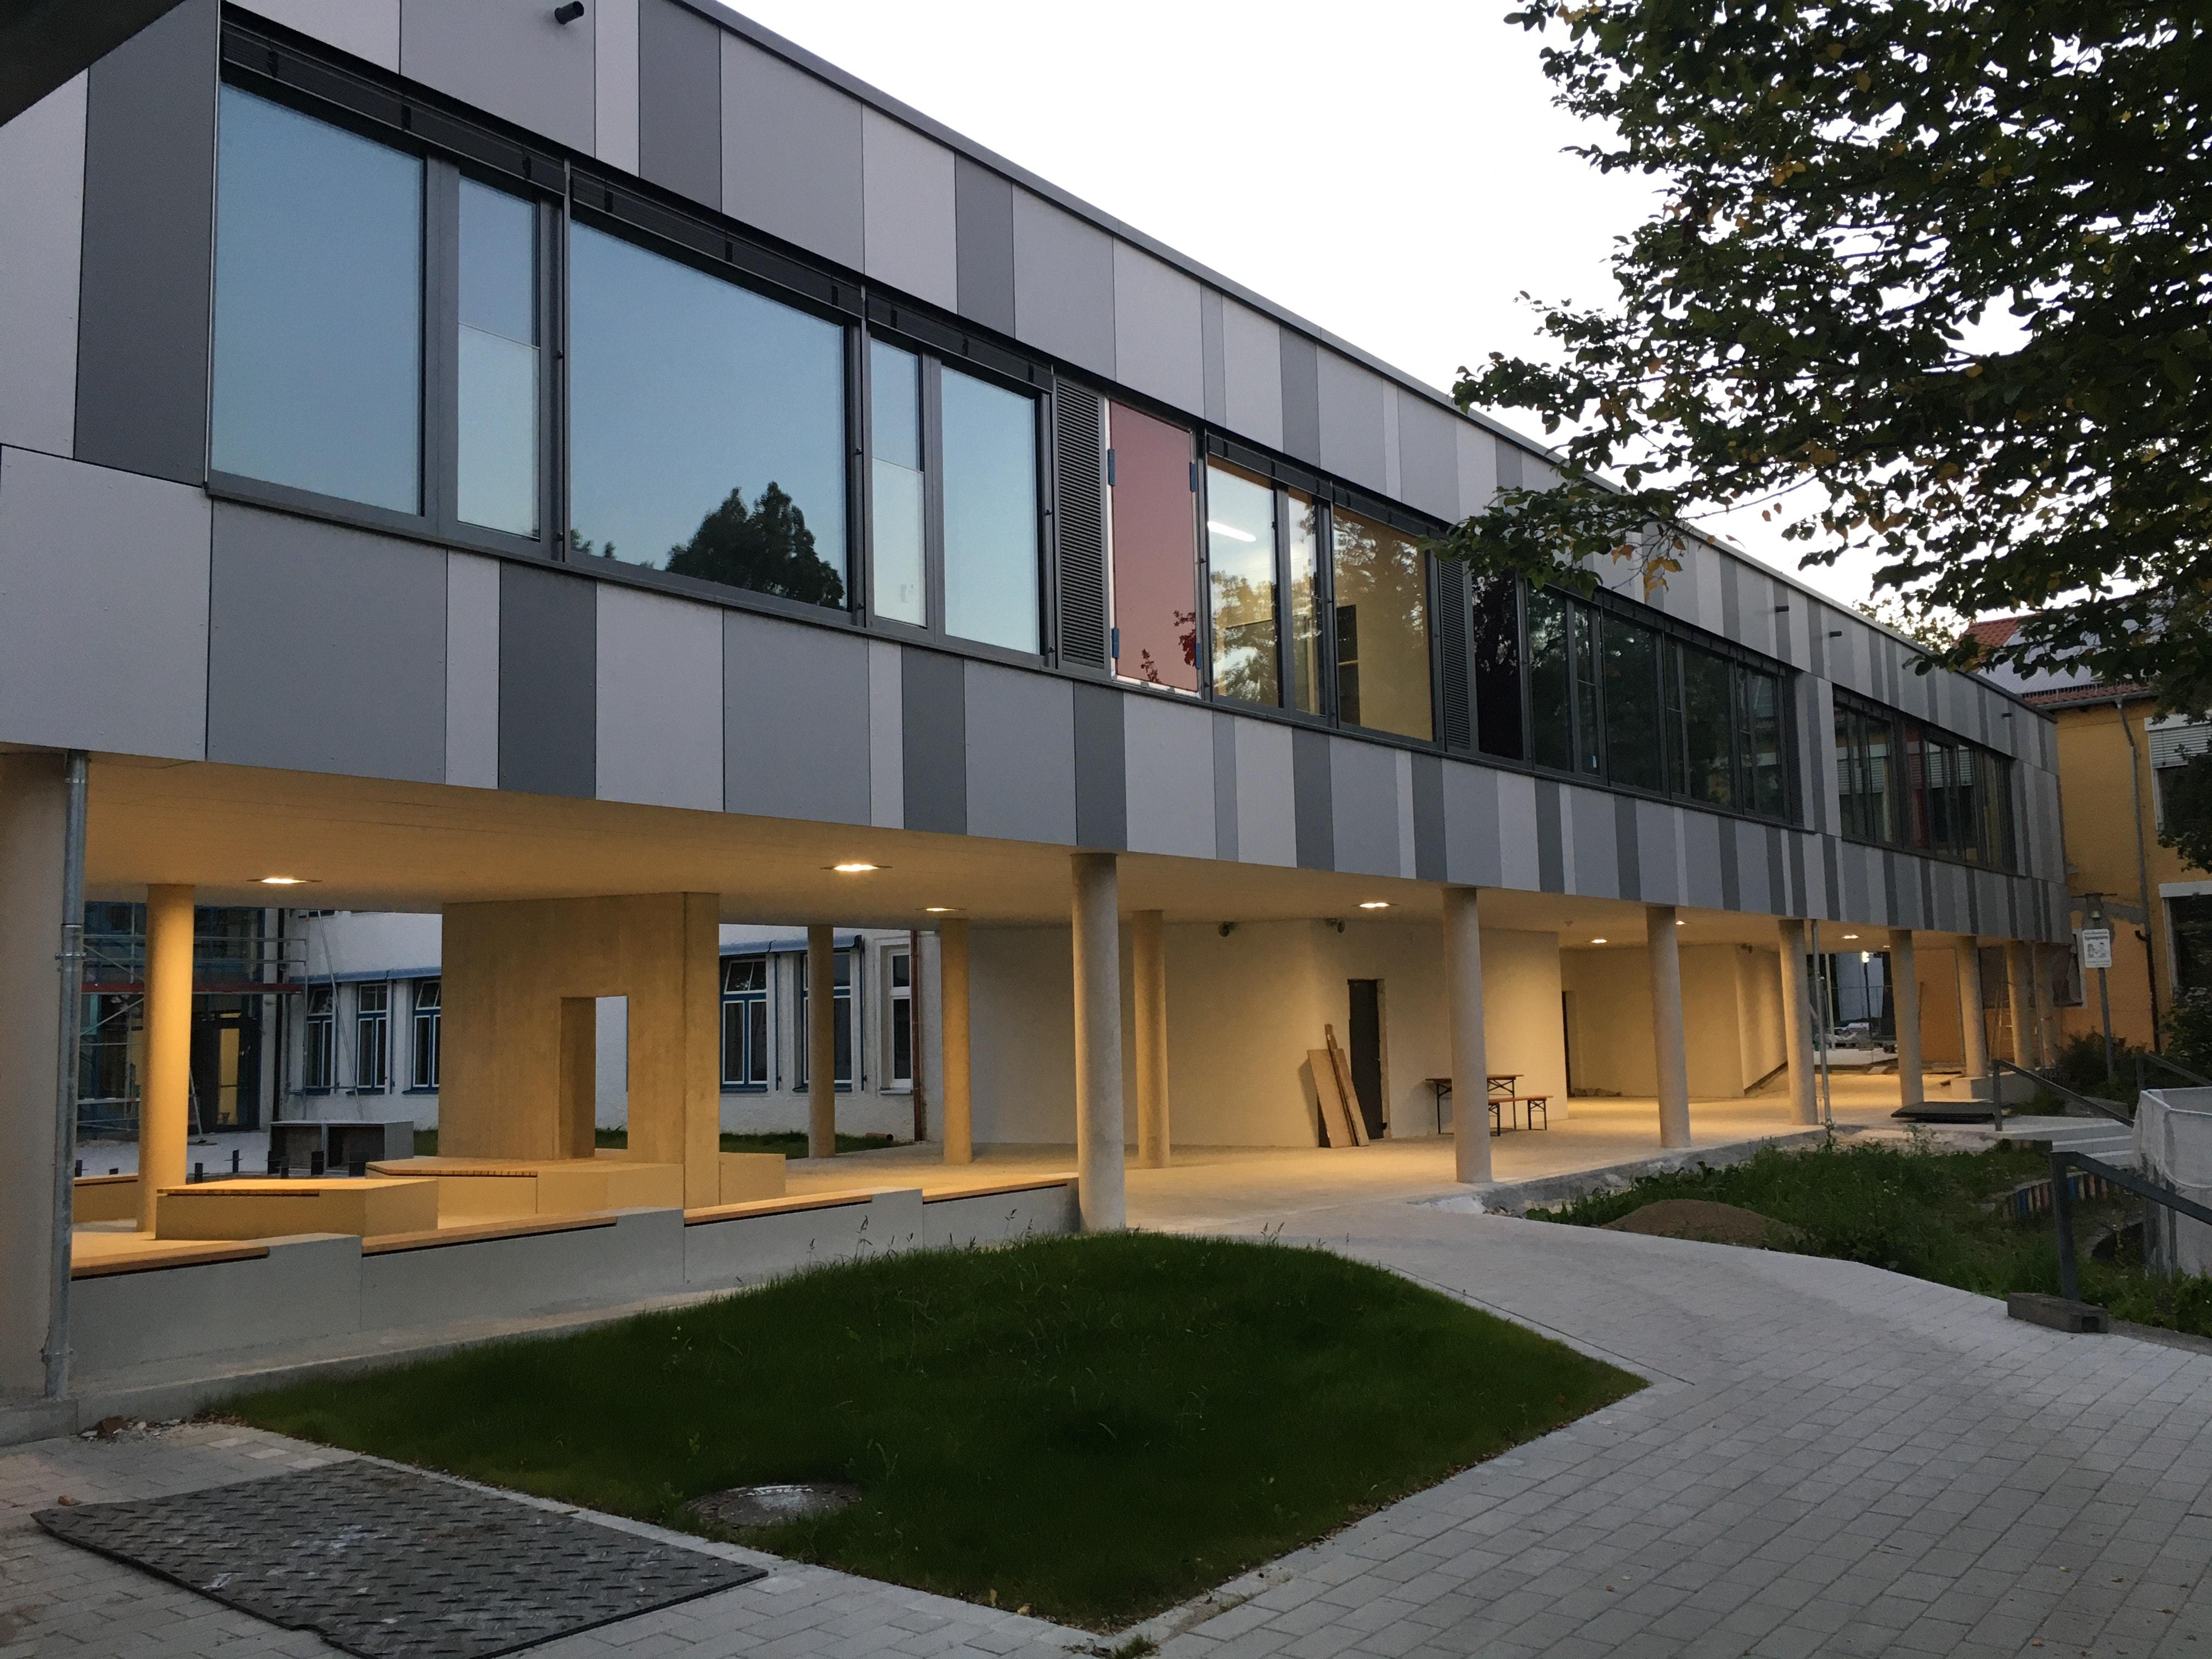 Aussen Grundschule Dieselstraße Waldkraiburg